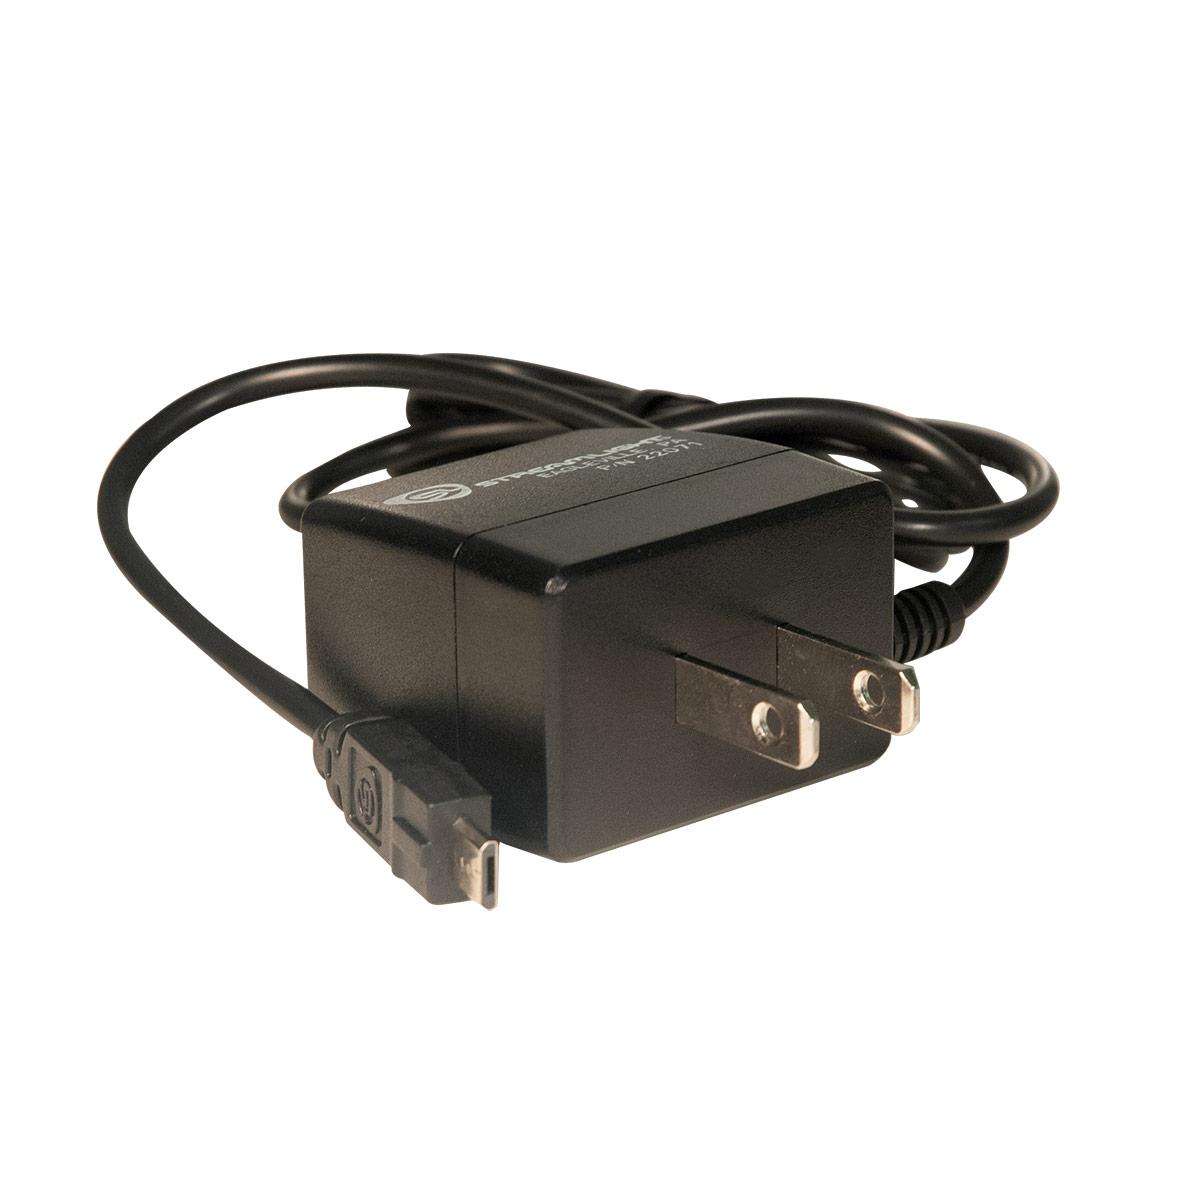 120V AC Charger for the PolyStinger LED Flashlight